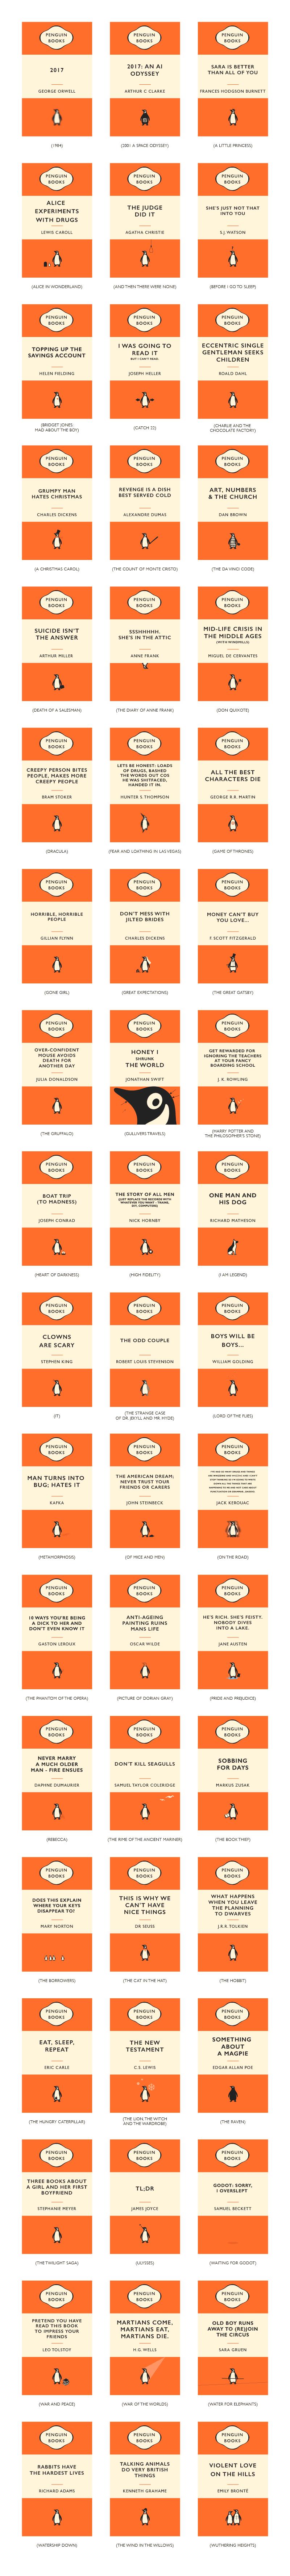 Penguin books reimagined